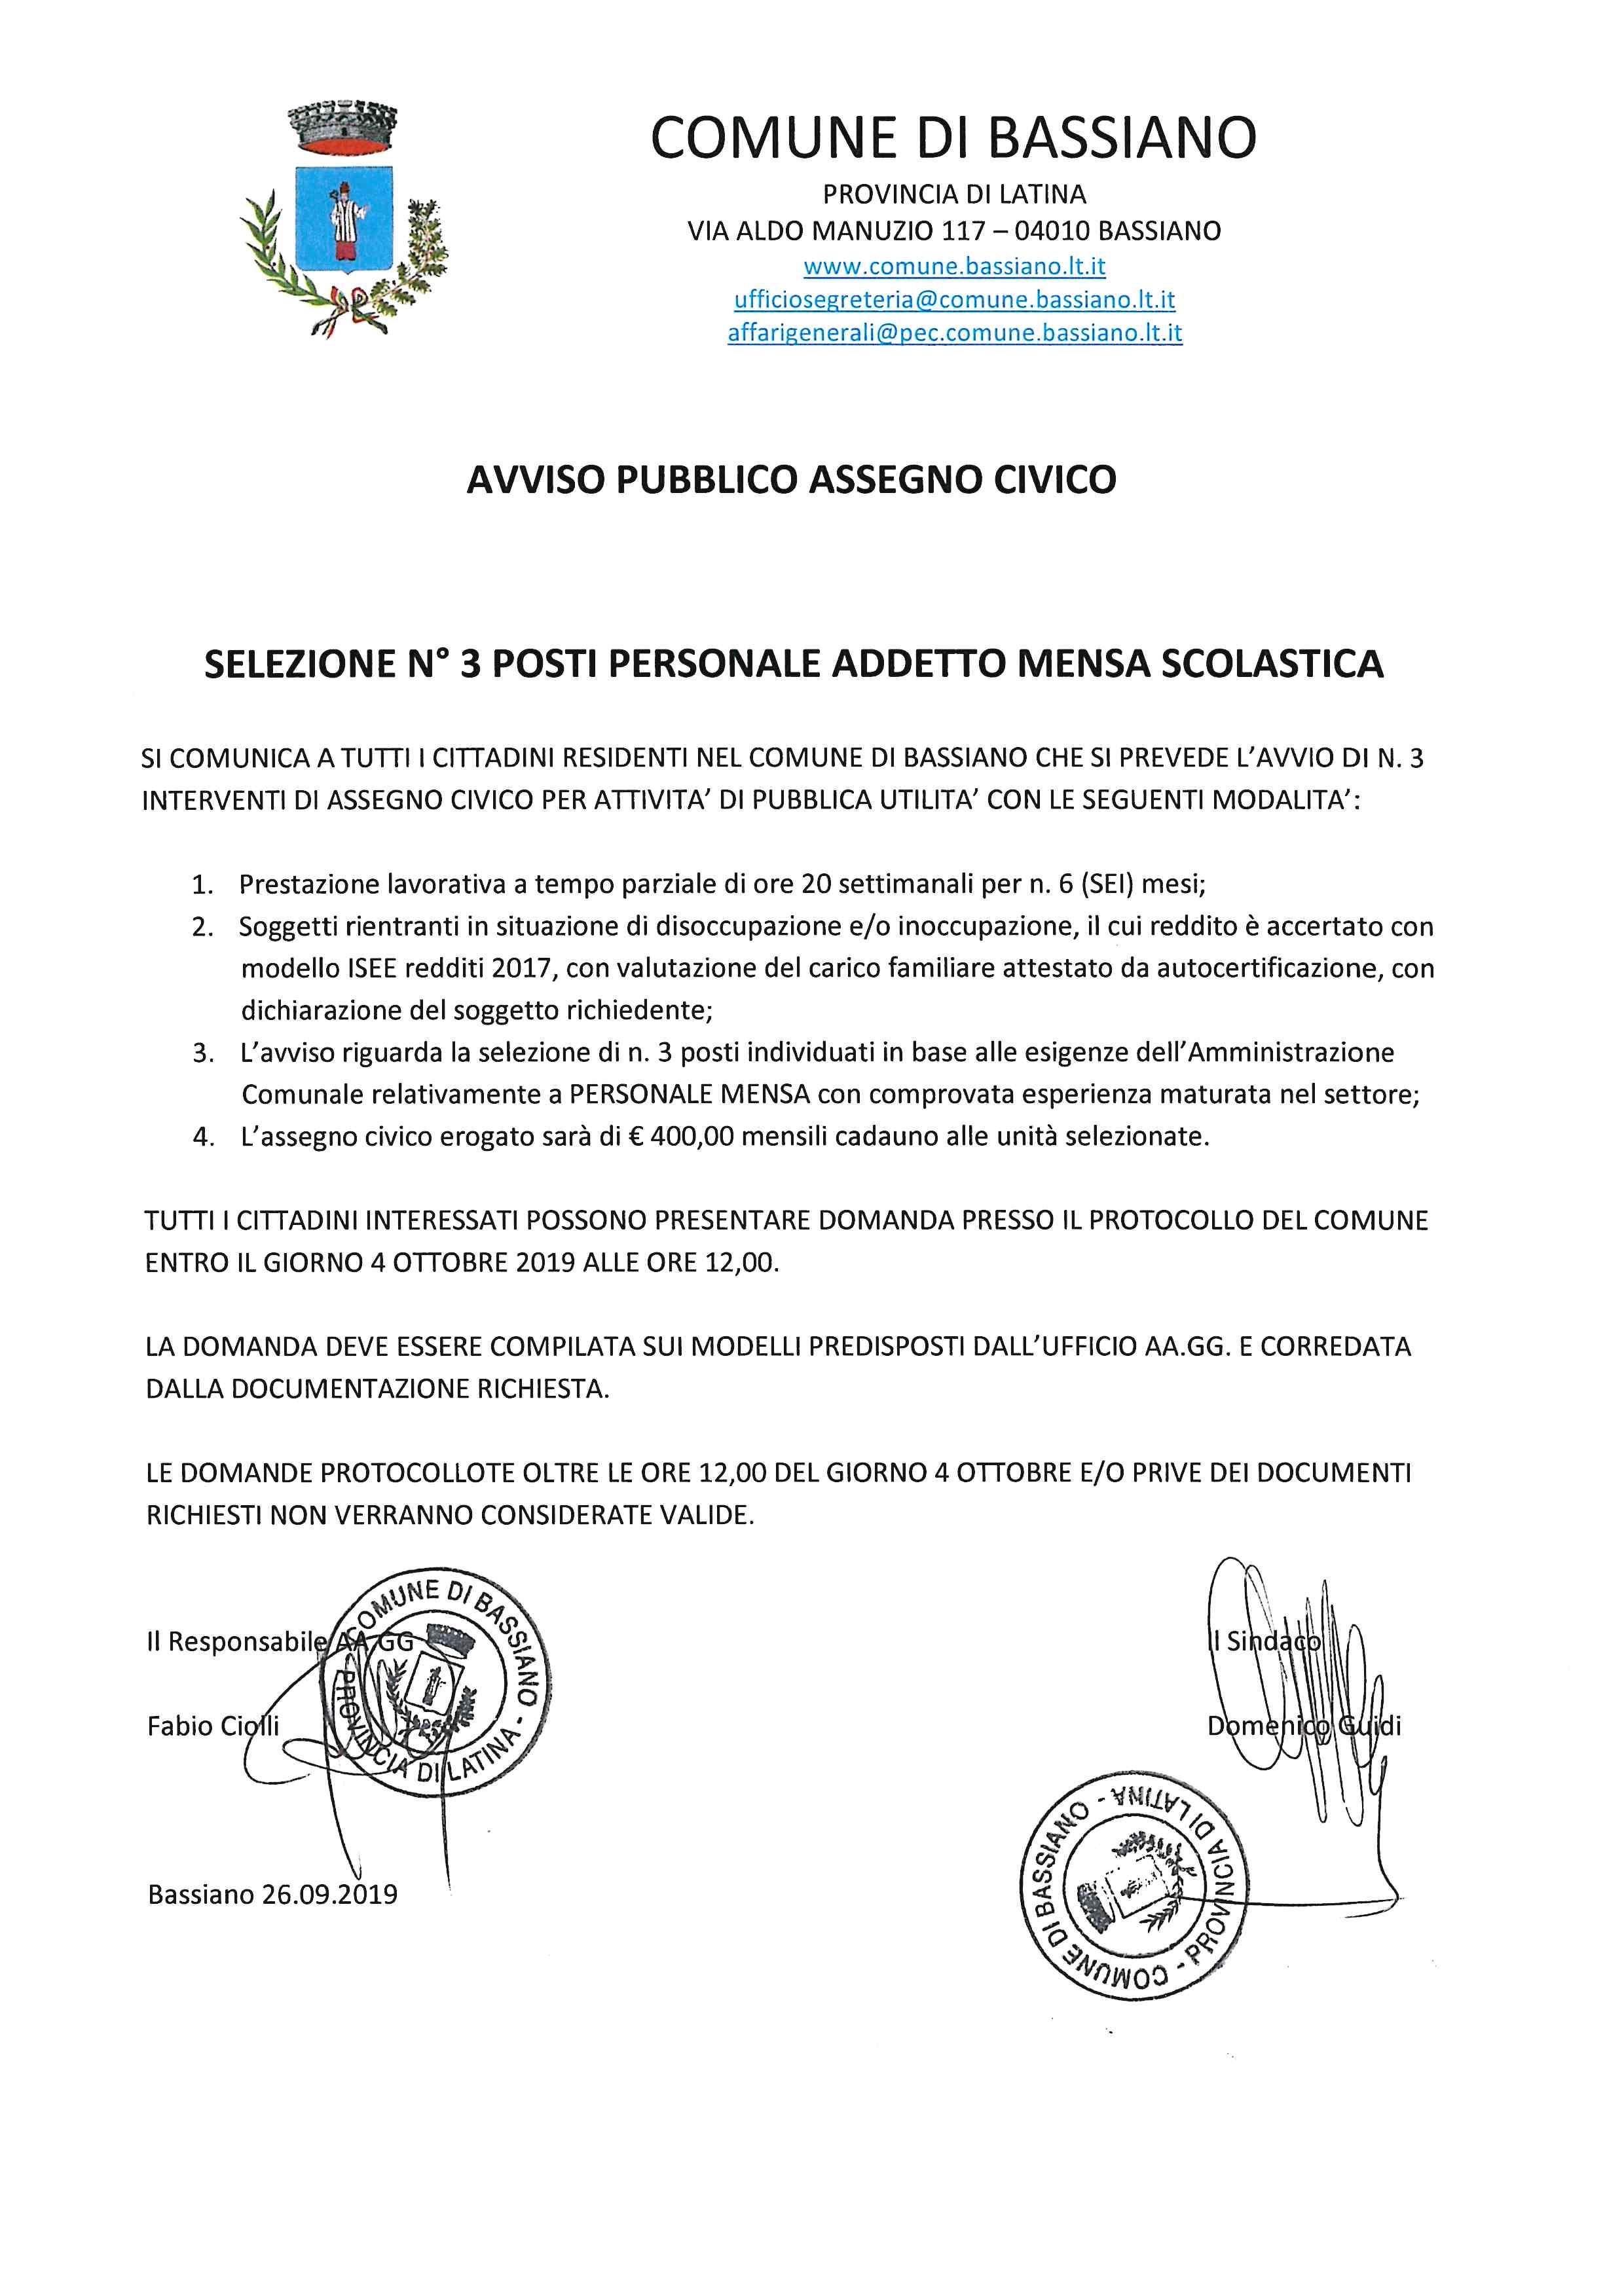 SELEZIONE N° 3 POSTI PERSONALE ADDETTO MENSA SCOLASTICA